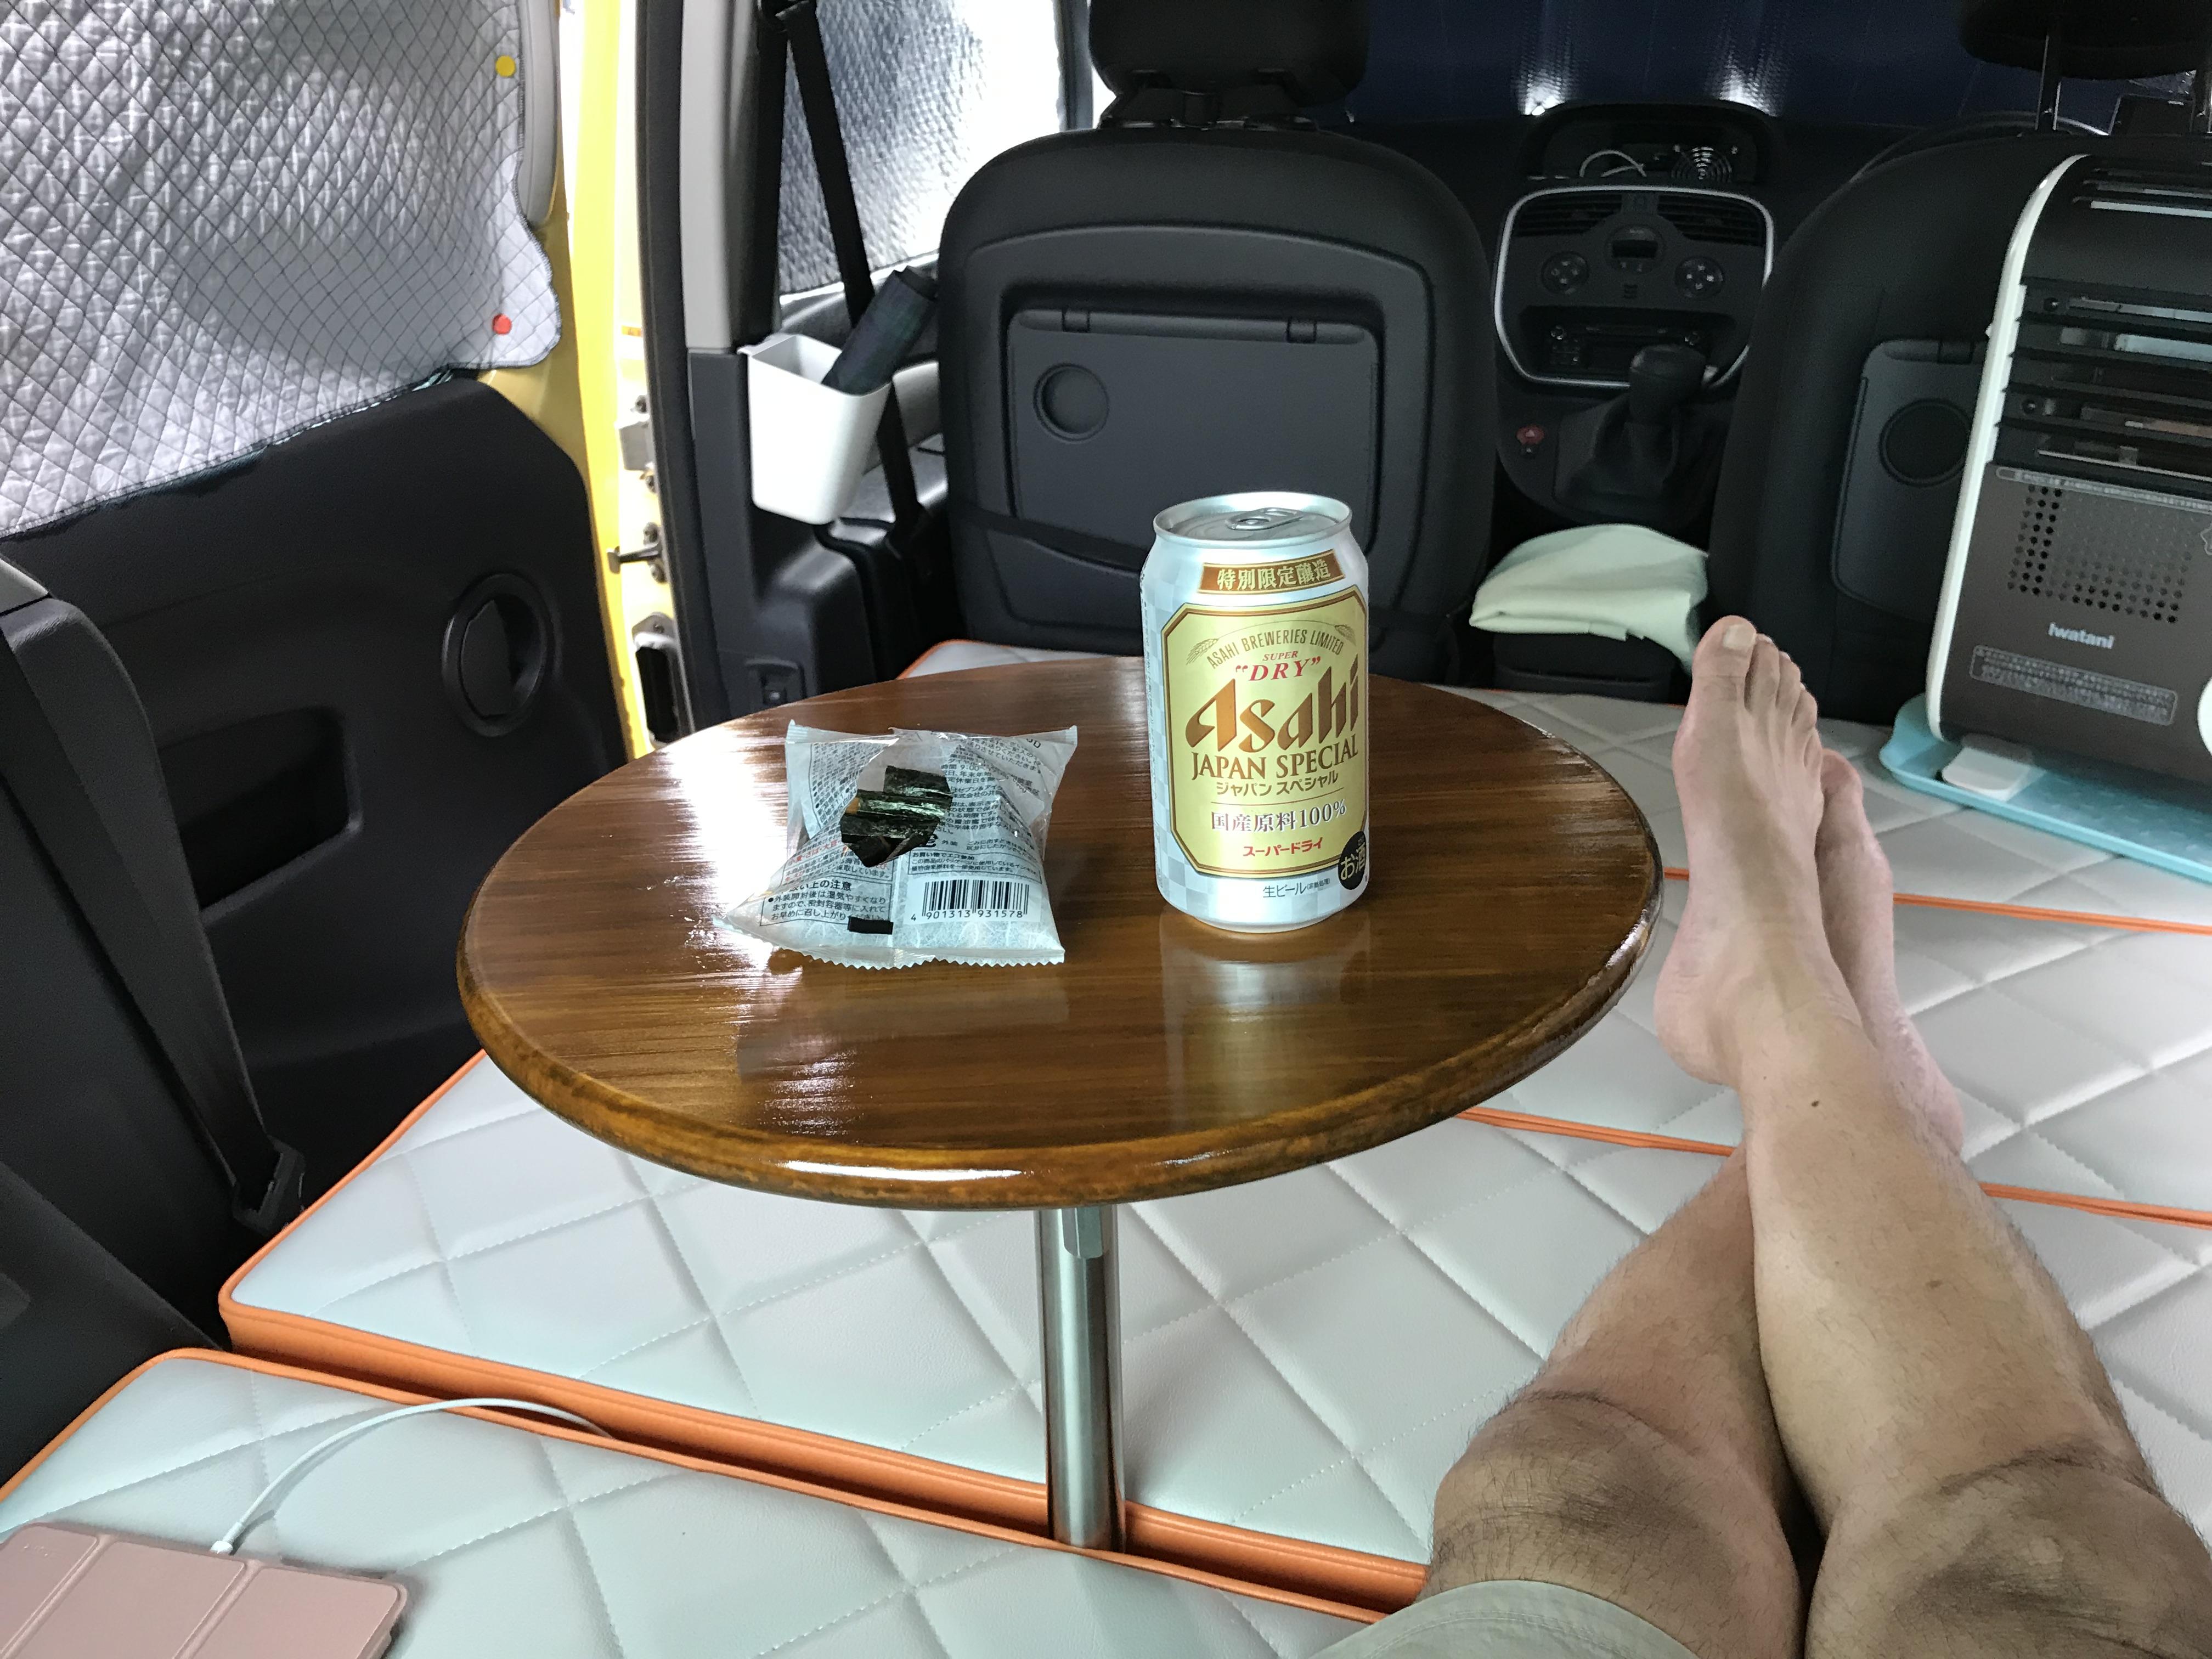 御嶽ロープウエイ駐車場で缶ビールタイム